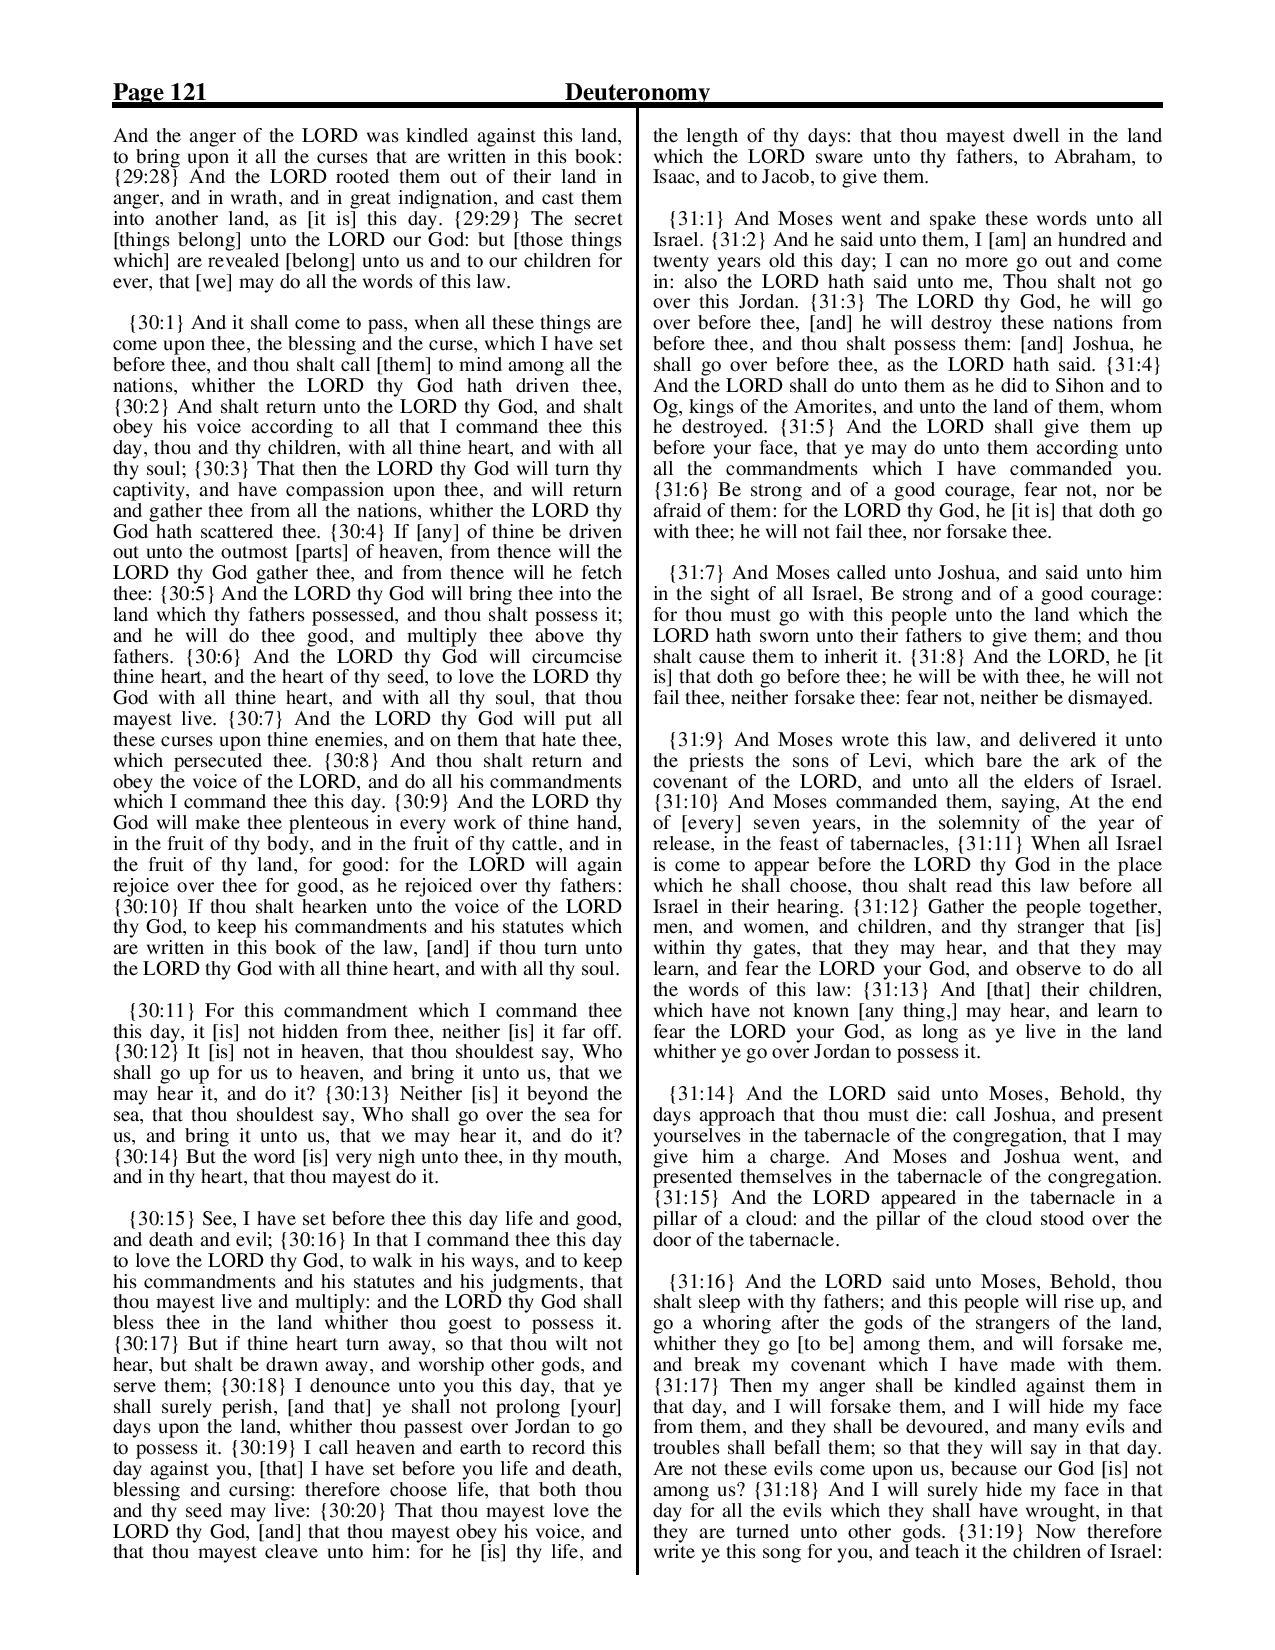 King-James-Bible-KJV-Bible-PDF-page-142